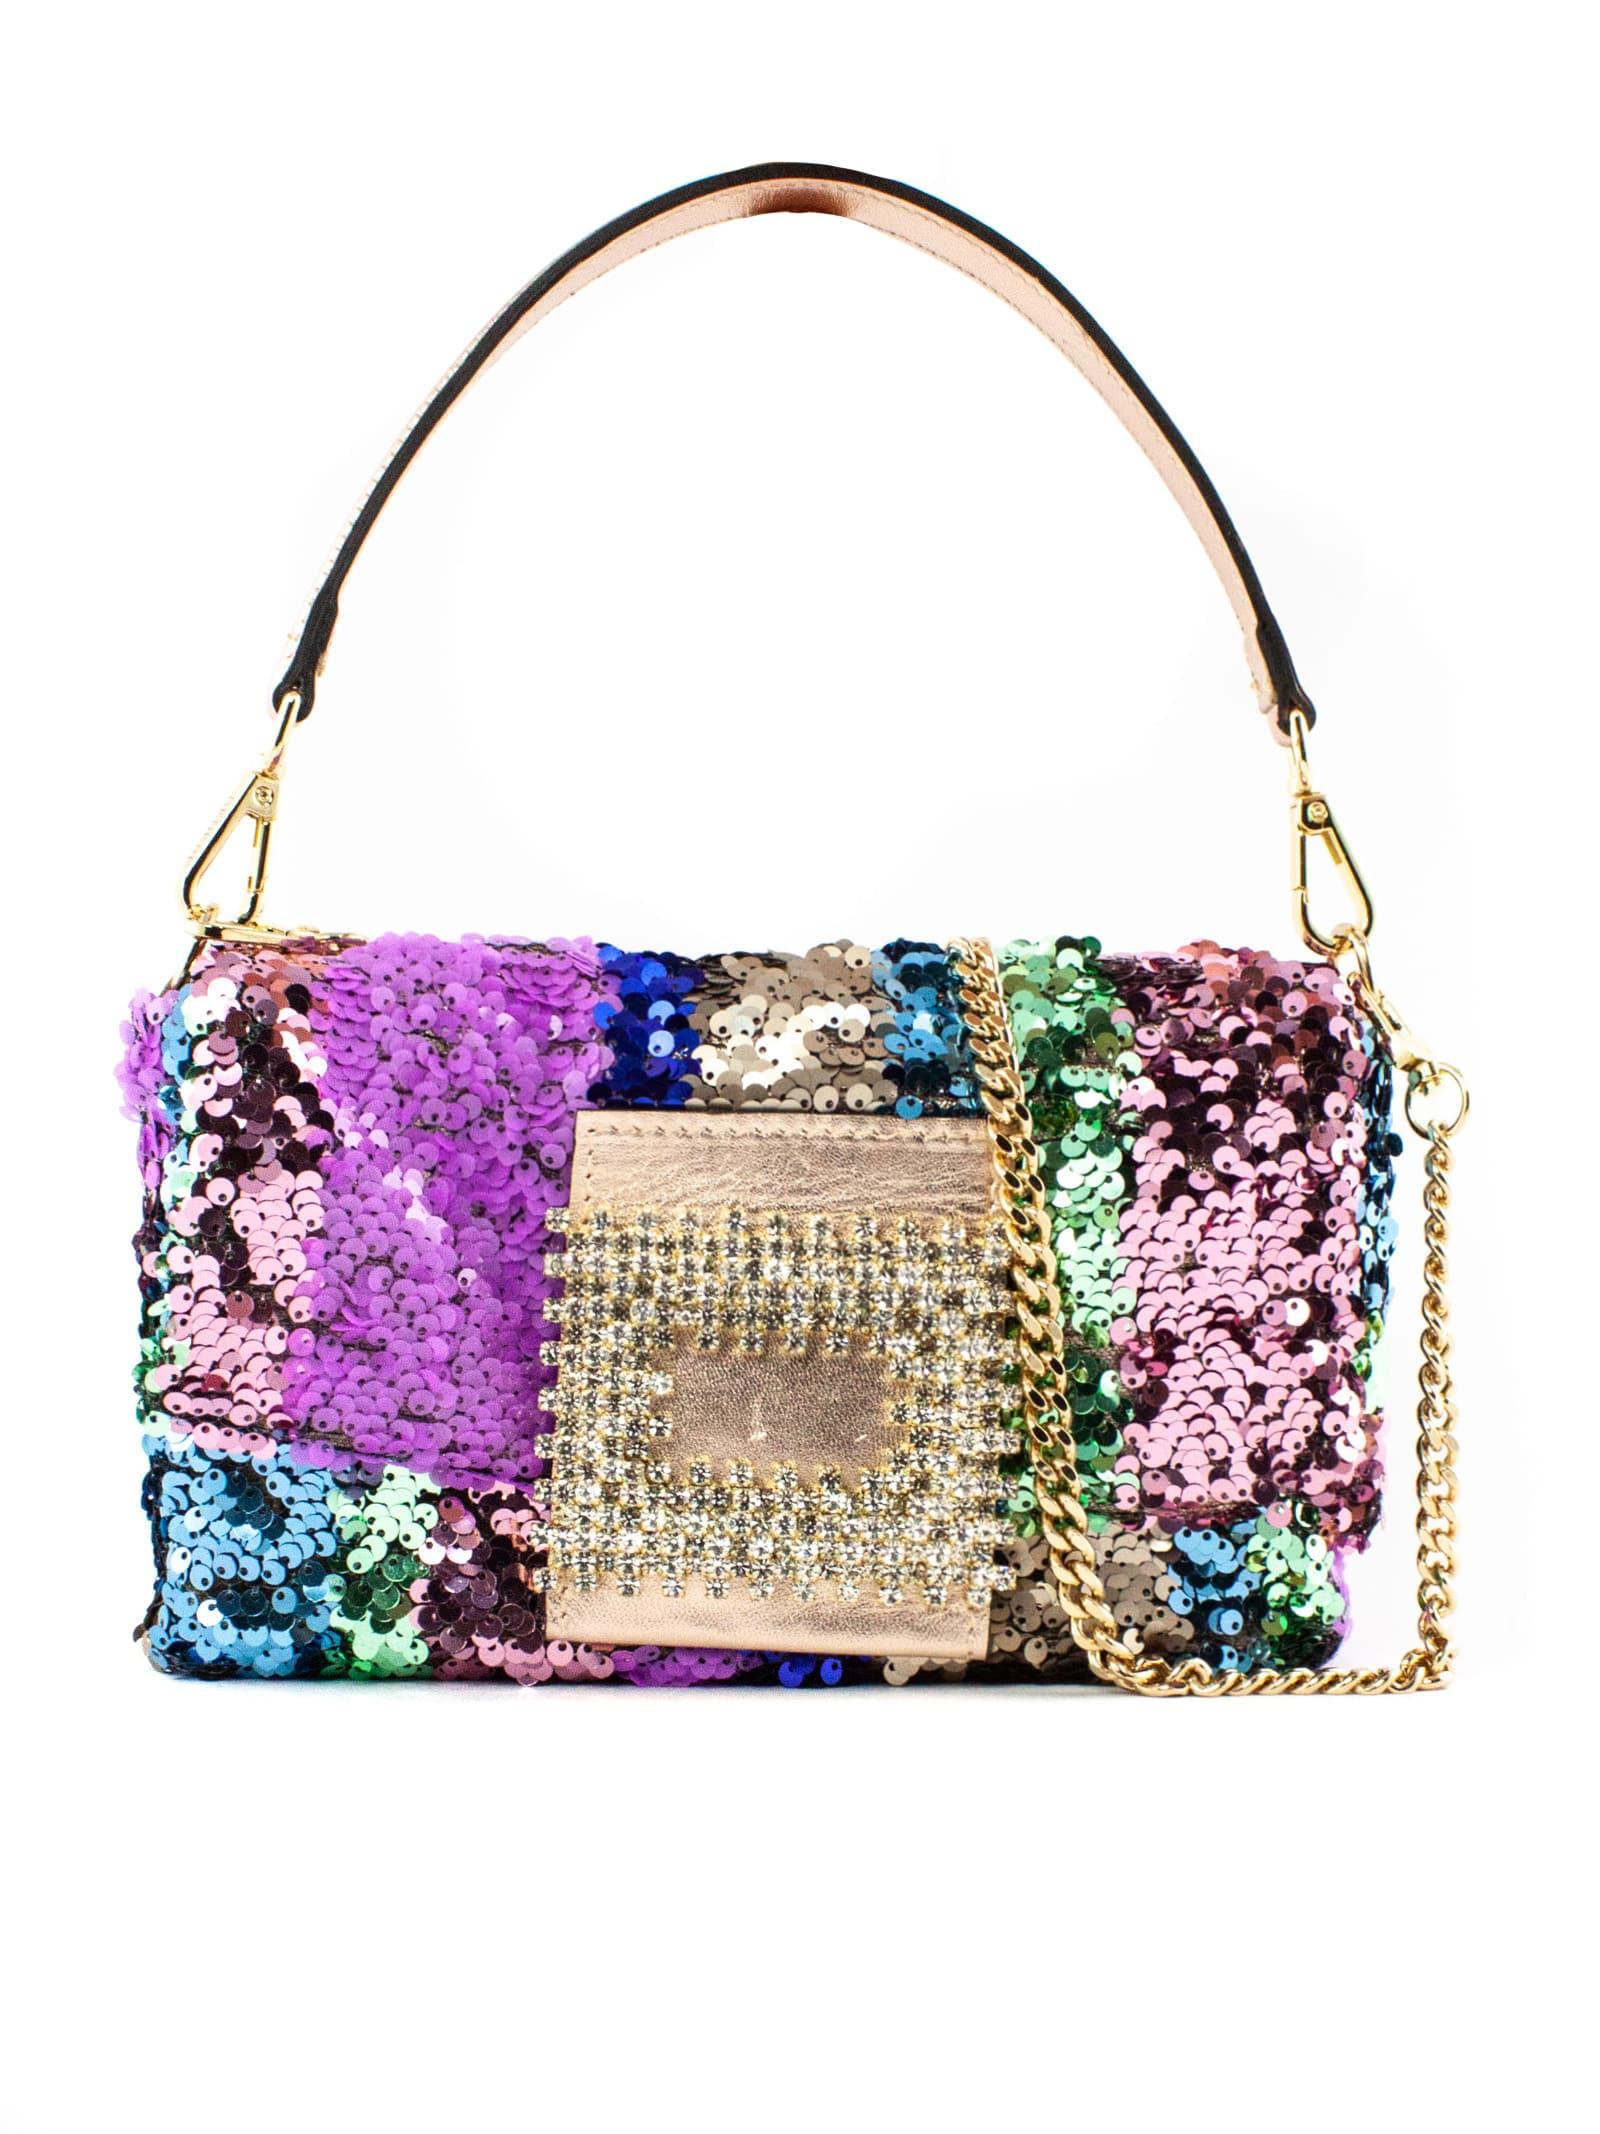 Mylove Shoulder Bag In Multicolor Paillettes